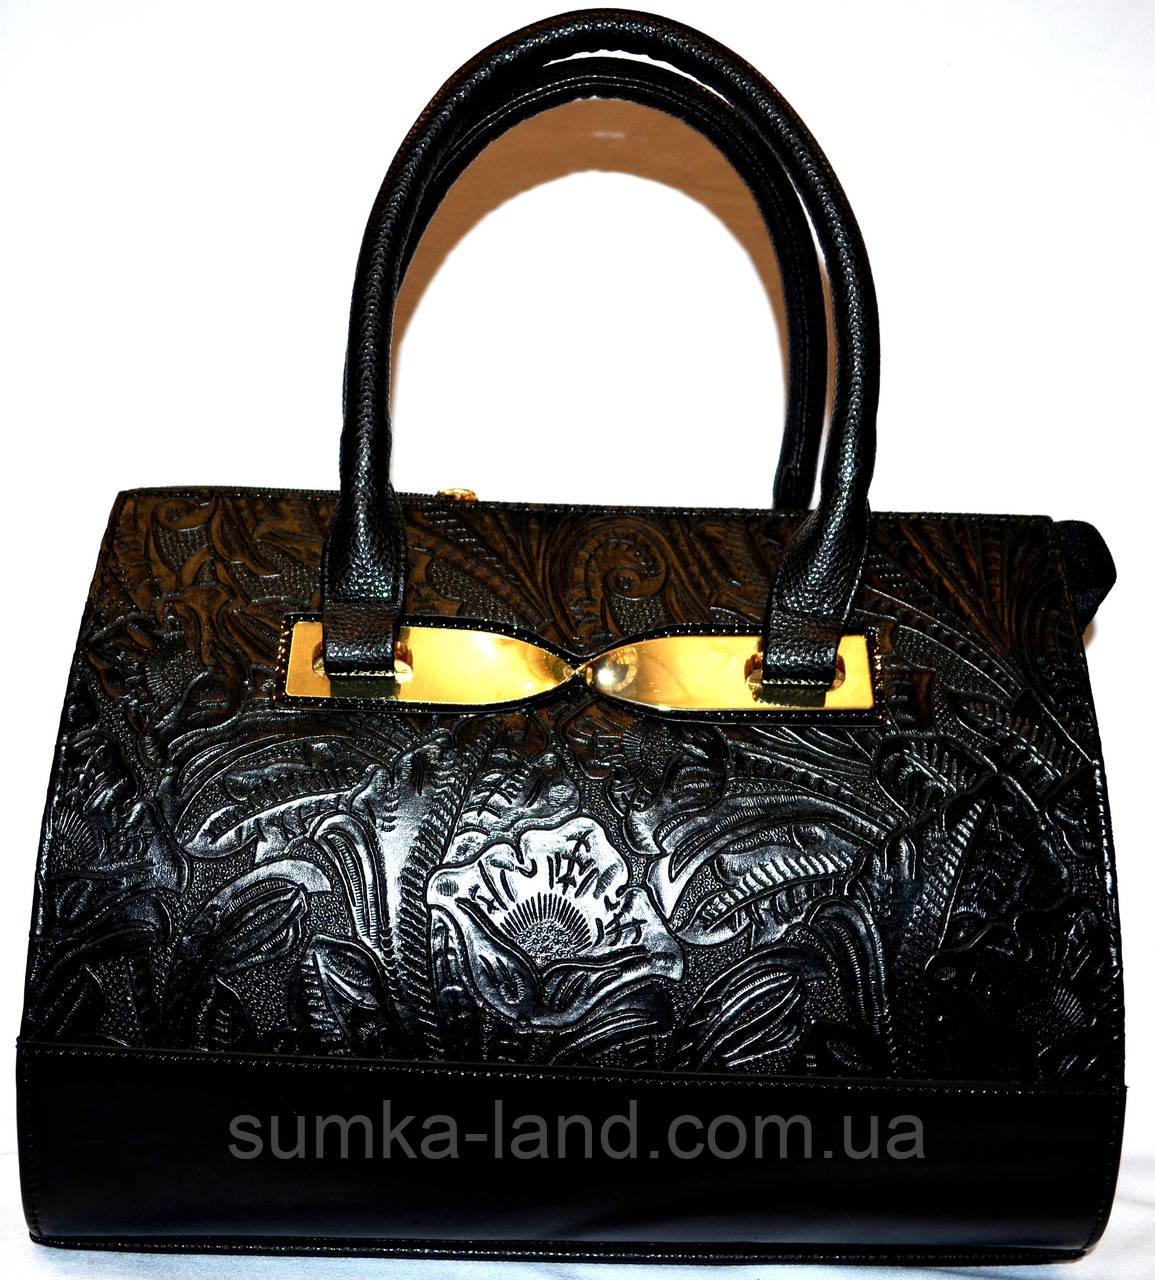 168d408de094 Женские элитные сумки Премиум класса (ЧЕРНЫЙ), цена 396 грн., купить ...